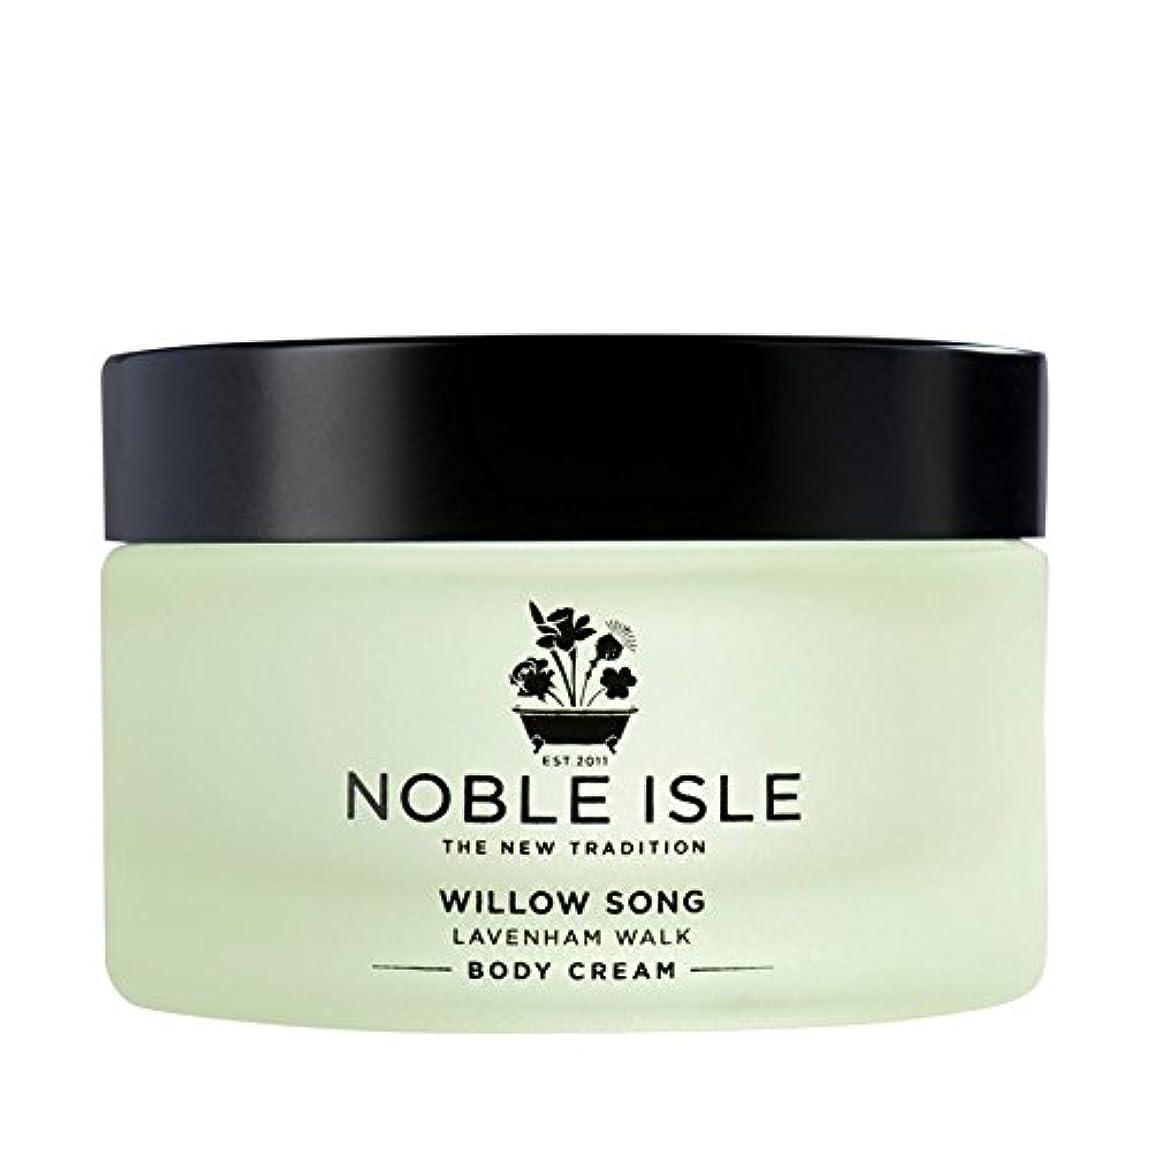 散る中絶疲れたNoble Isle Willow Song Lavenham Walk Body Cream 170ml (Pack of 6) - 高貴な島柳の歌ラヴァンハム徒歩ボディクリーム170ミリリットル x6 [並行輸入品]